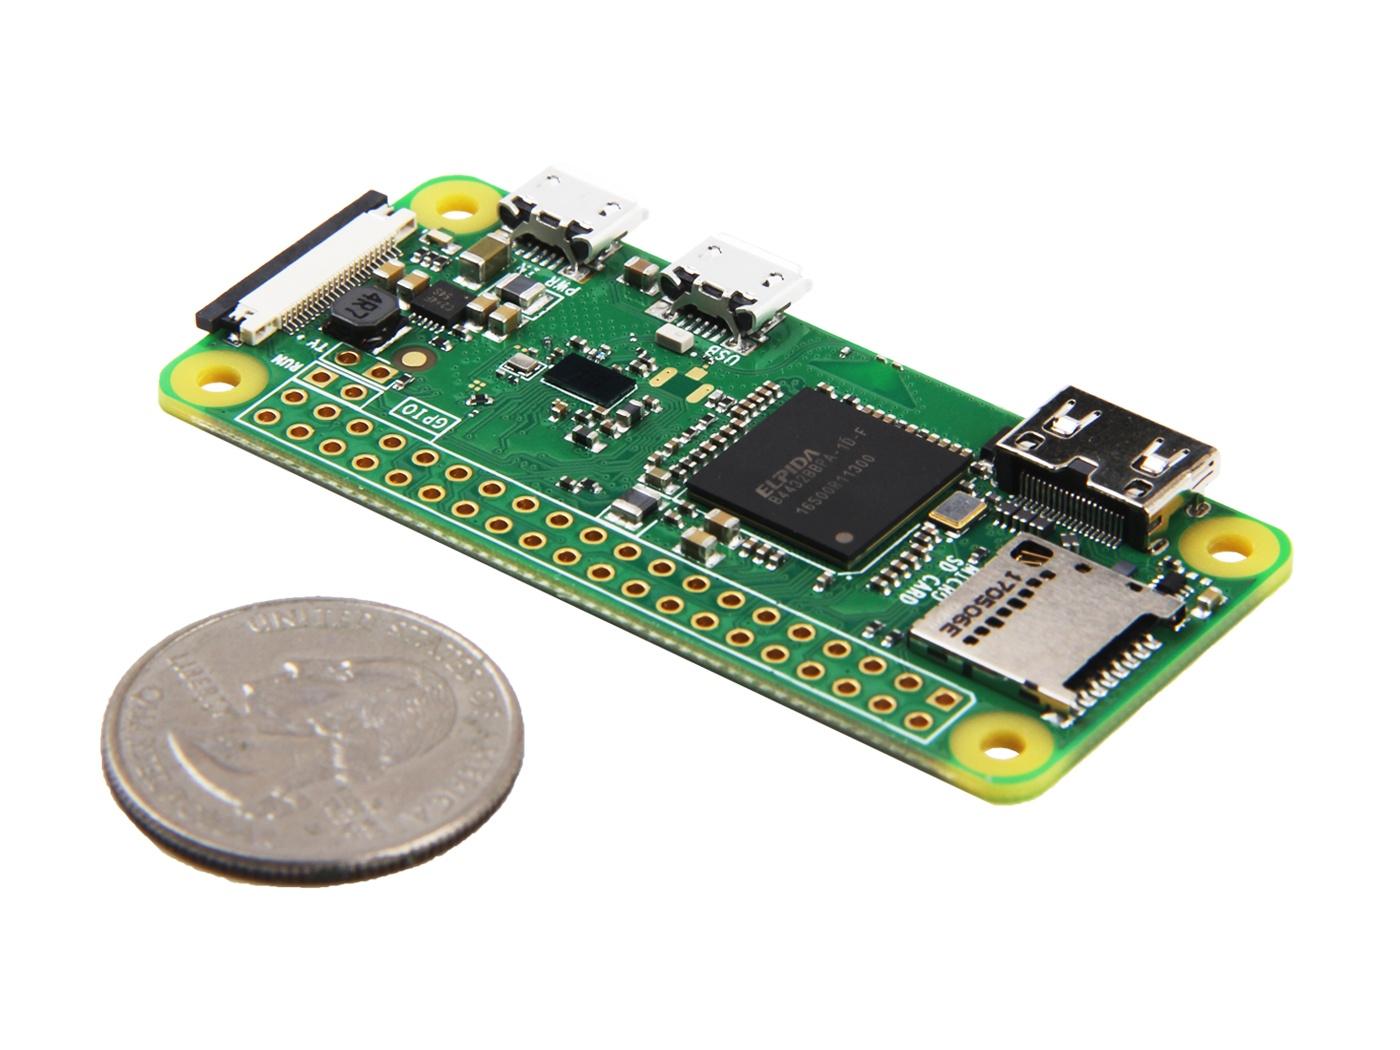 ОсобенностиRaspberry Pi zero W